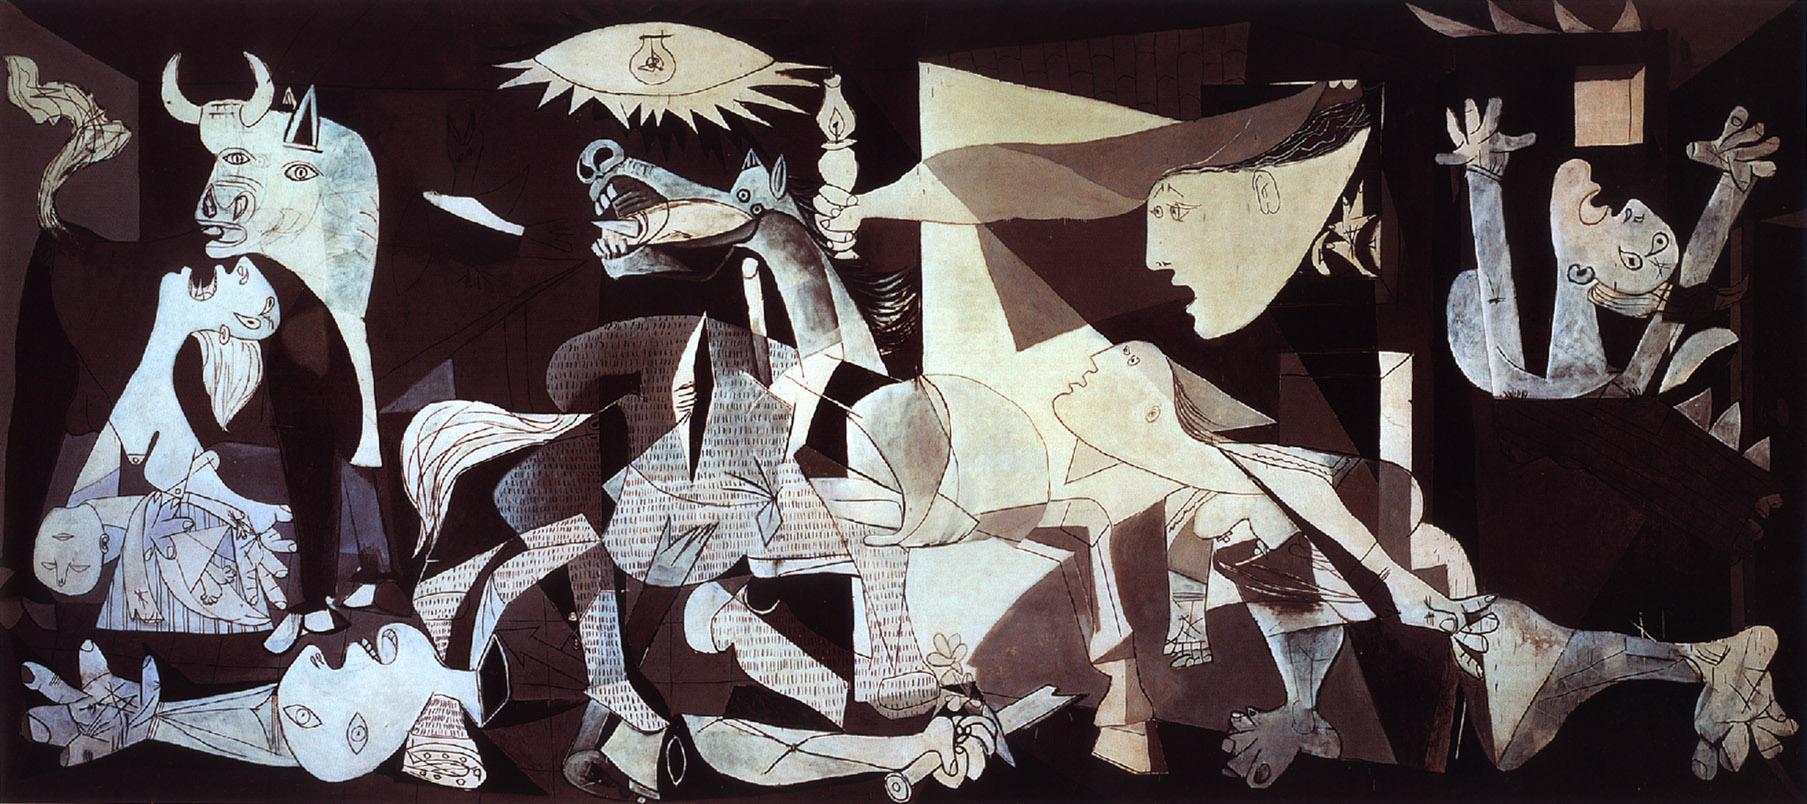 Morte e arte - Pagina 2 Guernica_pablo_picasso